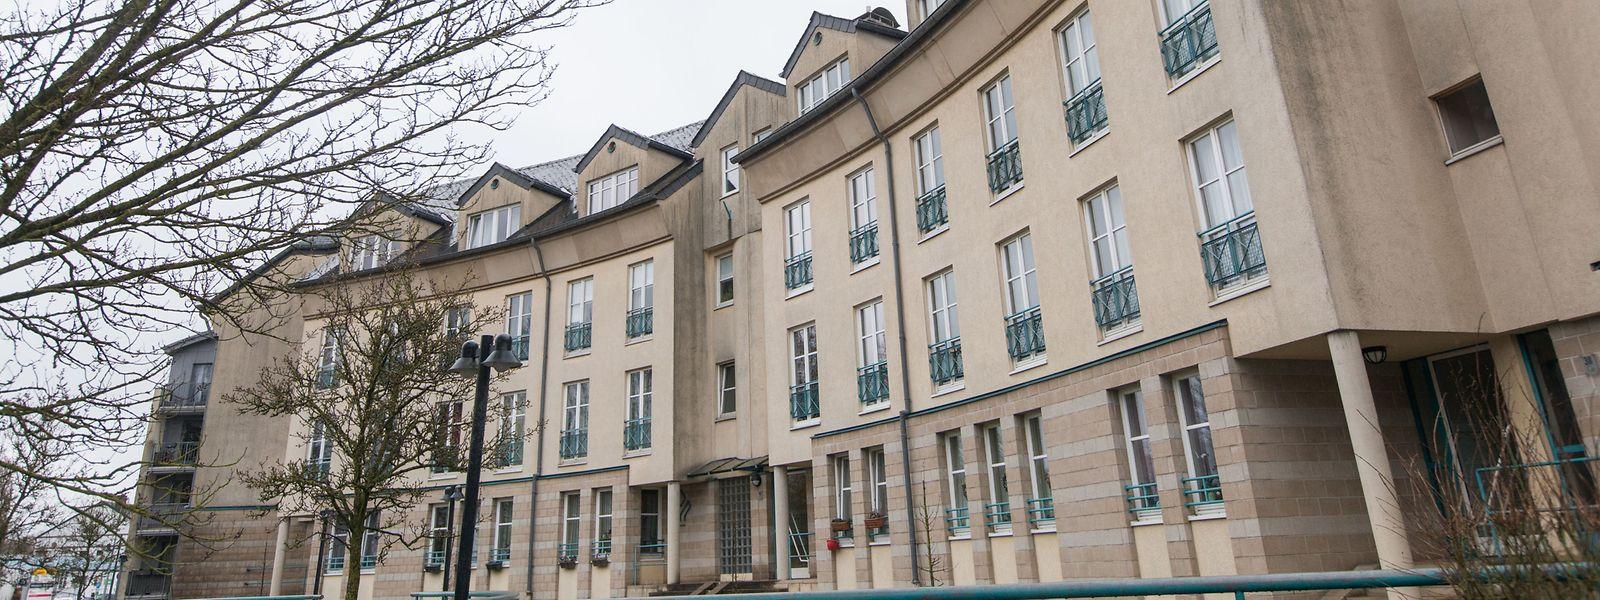 Der Angeklagte lebte beim Opfer in einer Sozialwohnung in Schifflingen, war dort jedoch nicht angemeldet.